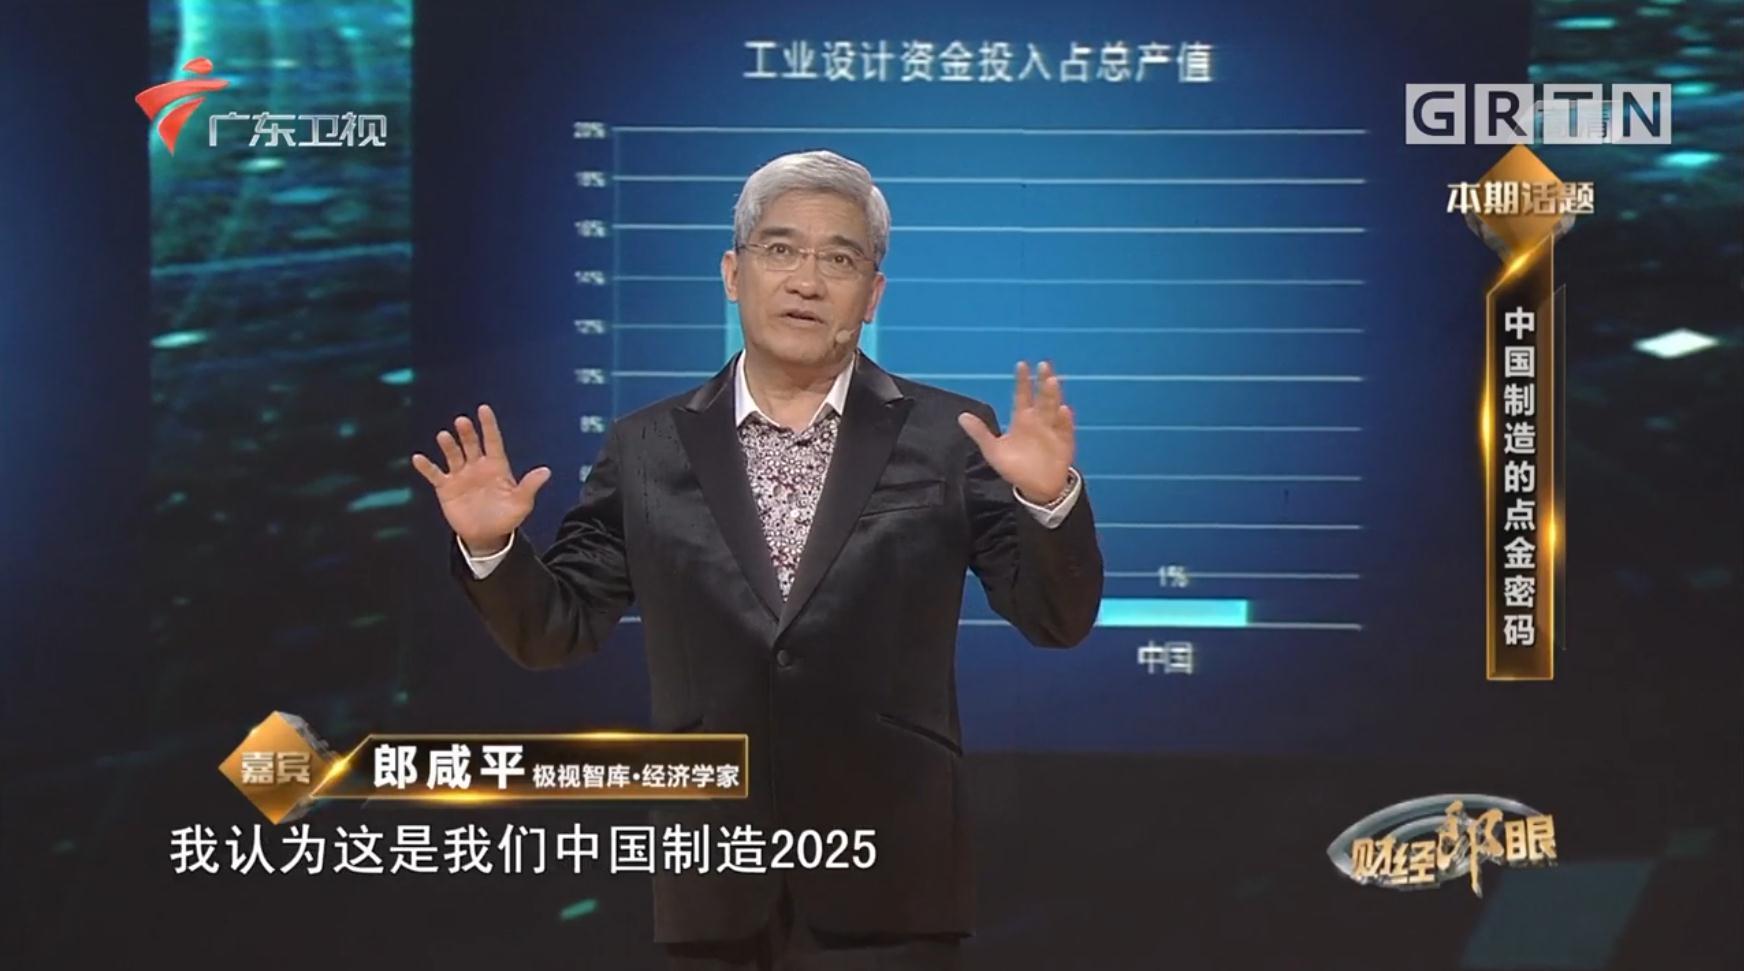 郎咸平:中国制造的点金密码